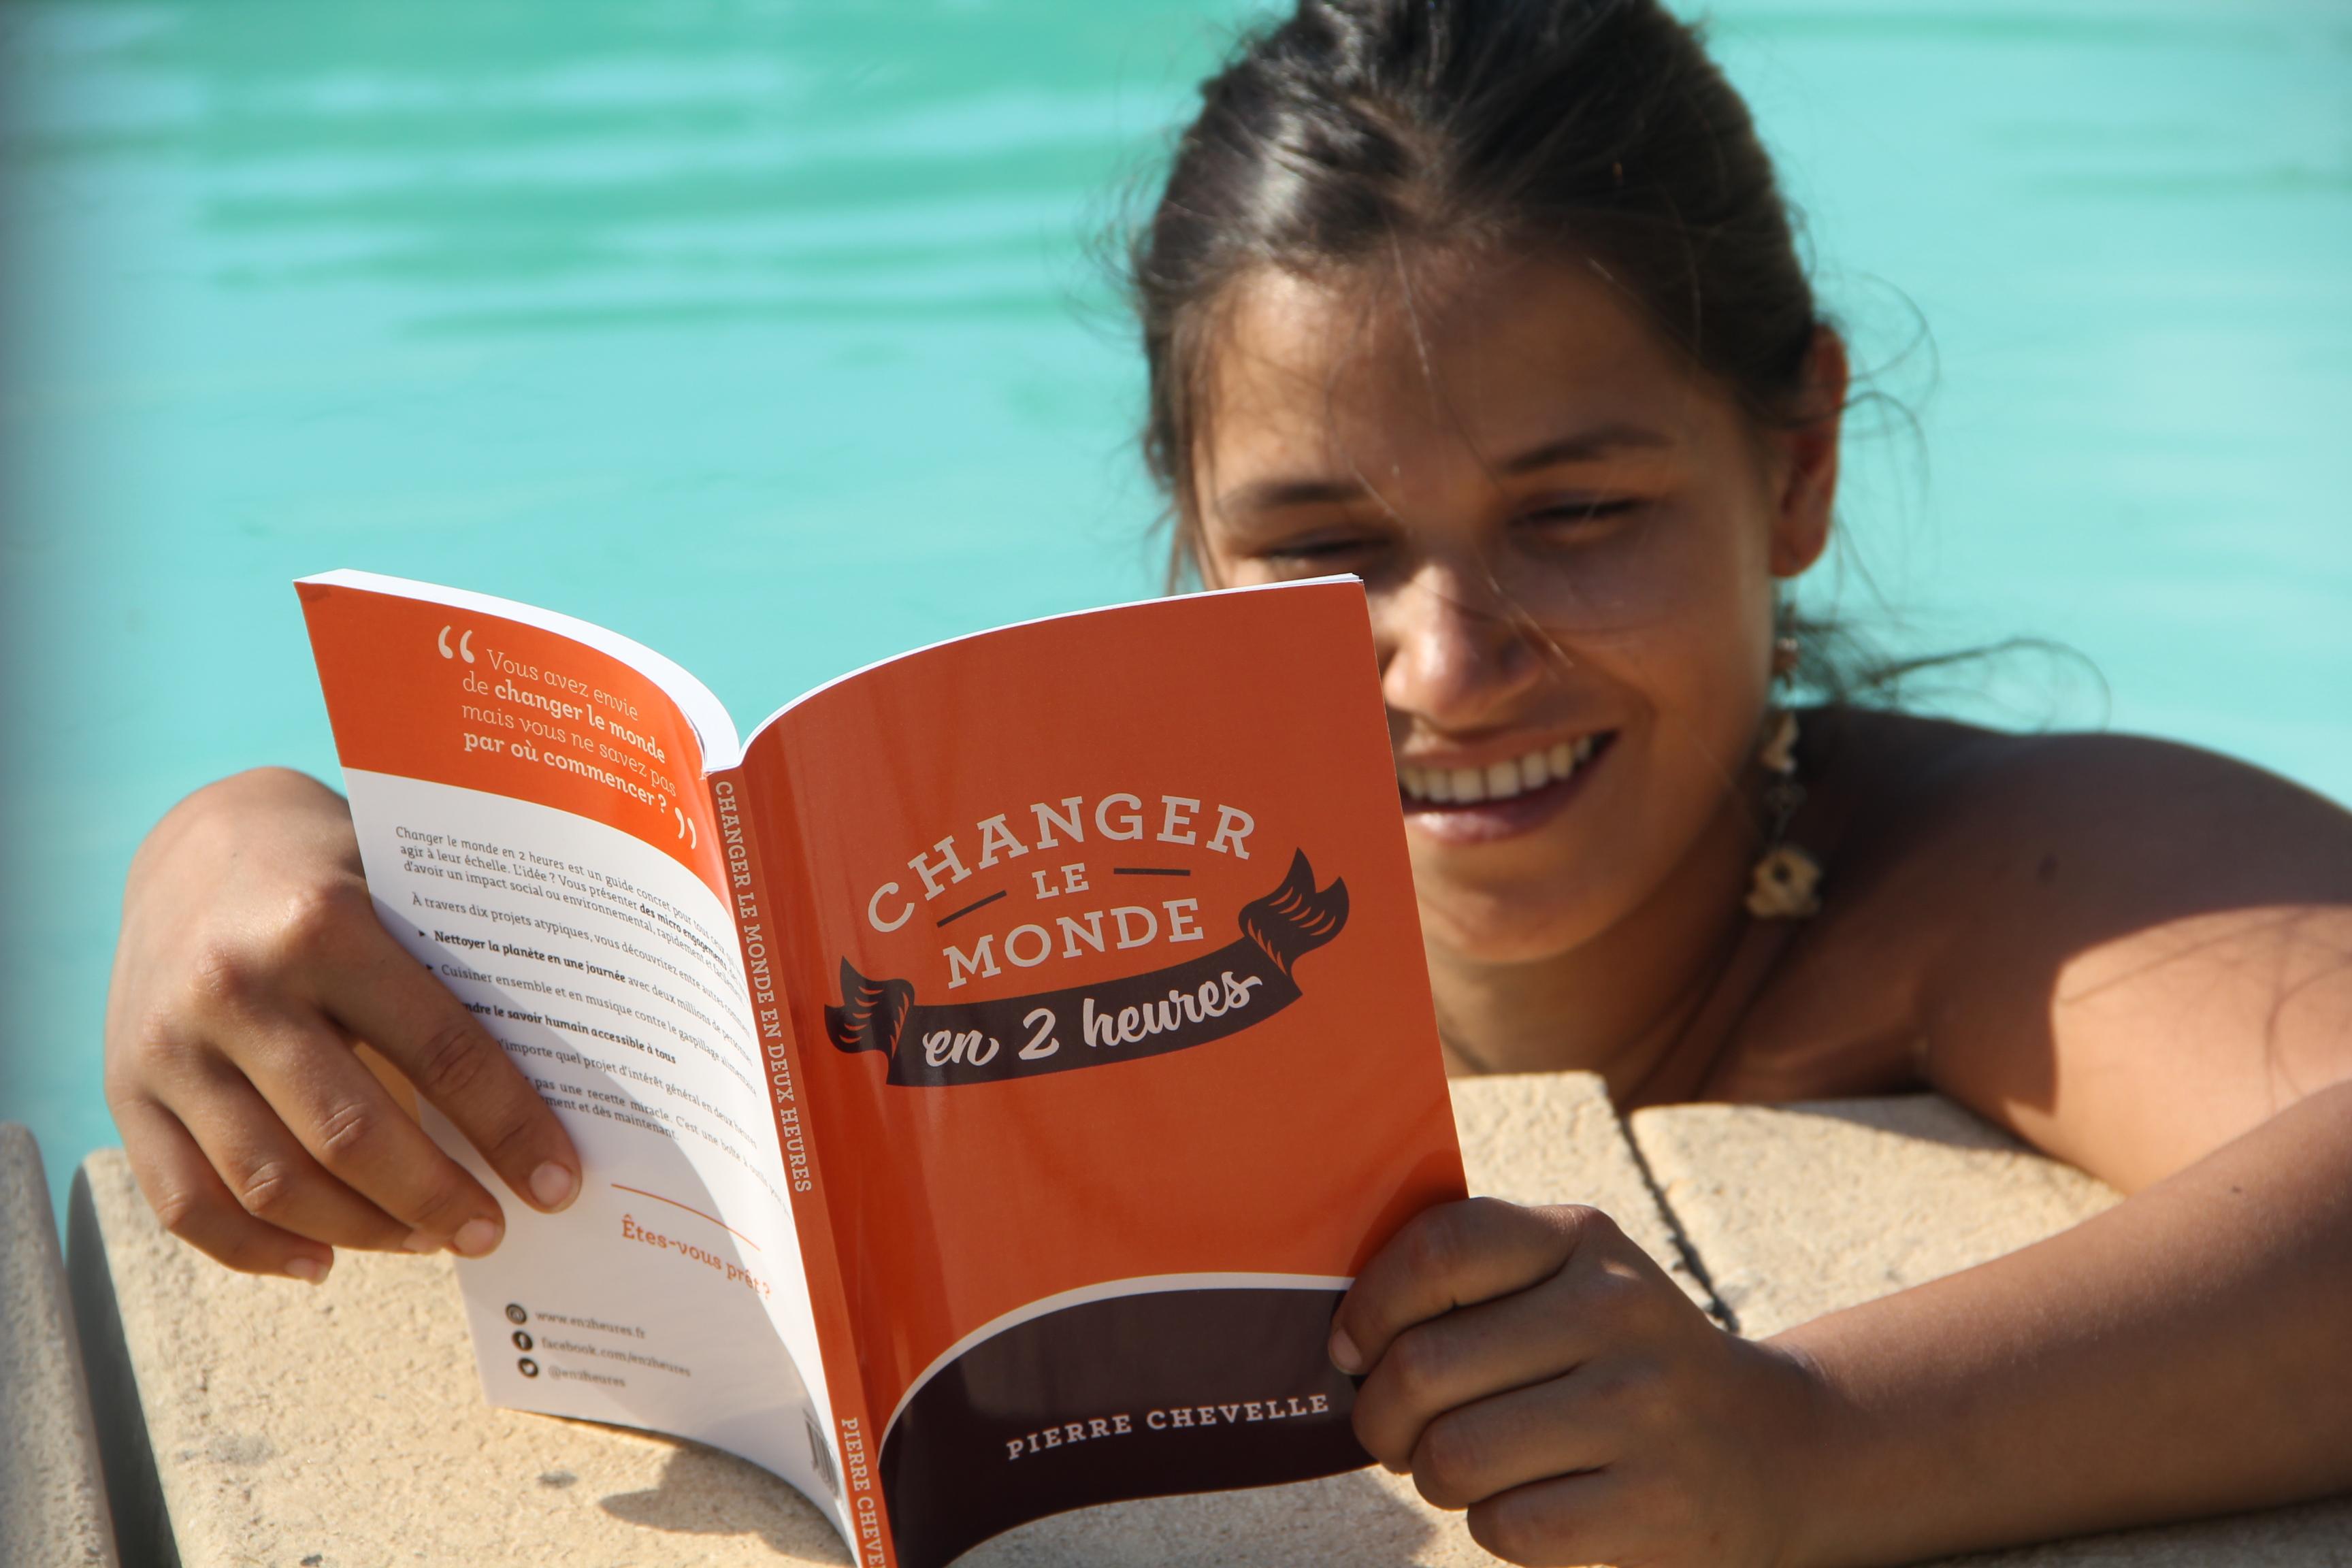 Lectrice changer le monde en 2 heures piscine